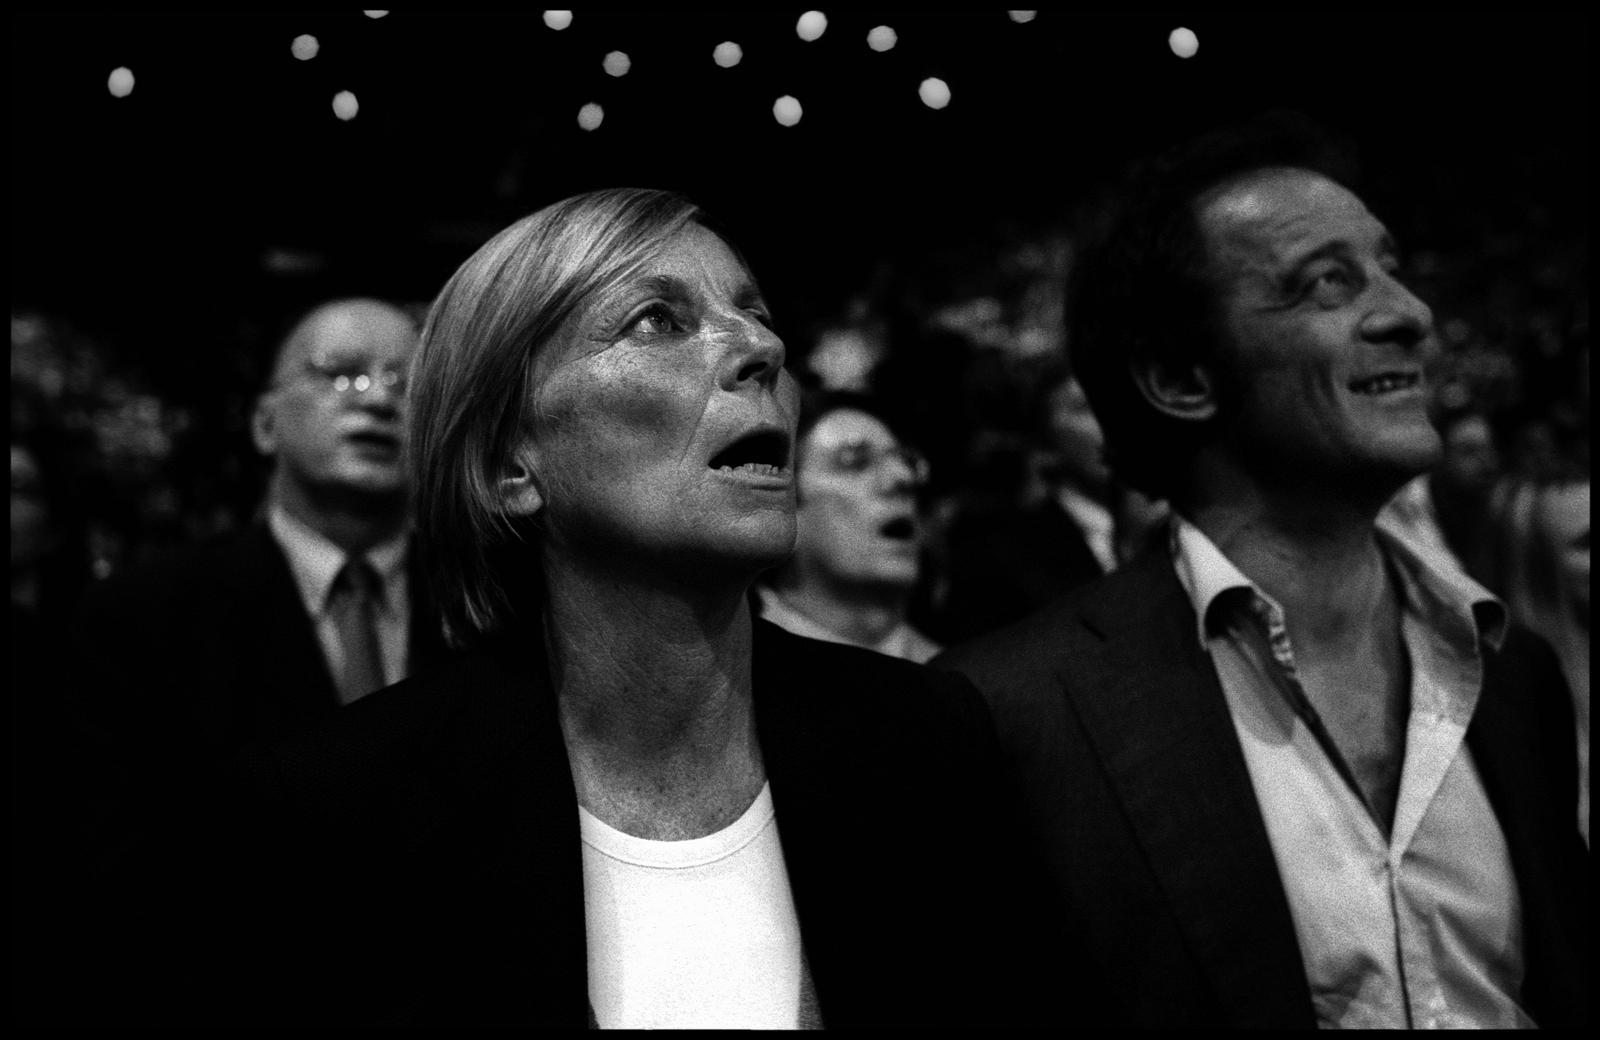 Marielle de Sarnez, directrice de campagne de François Bayrou lors de la présidentielle 2007 et Vincent Lindon lors du meeting de François Bayrou au Palais Omnisports de Paris Bercy.